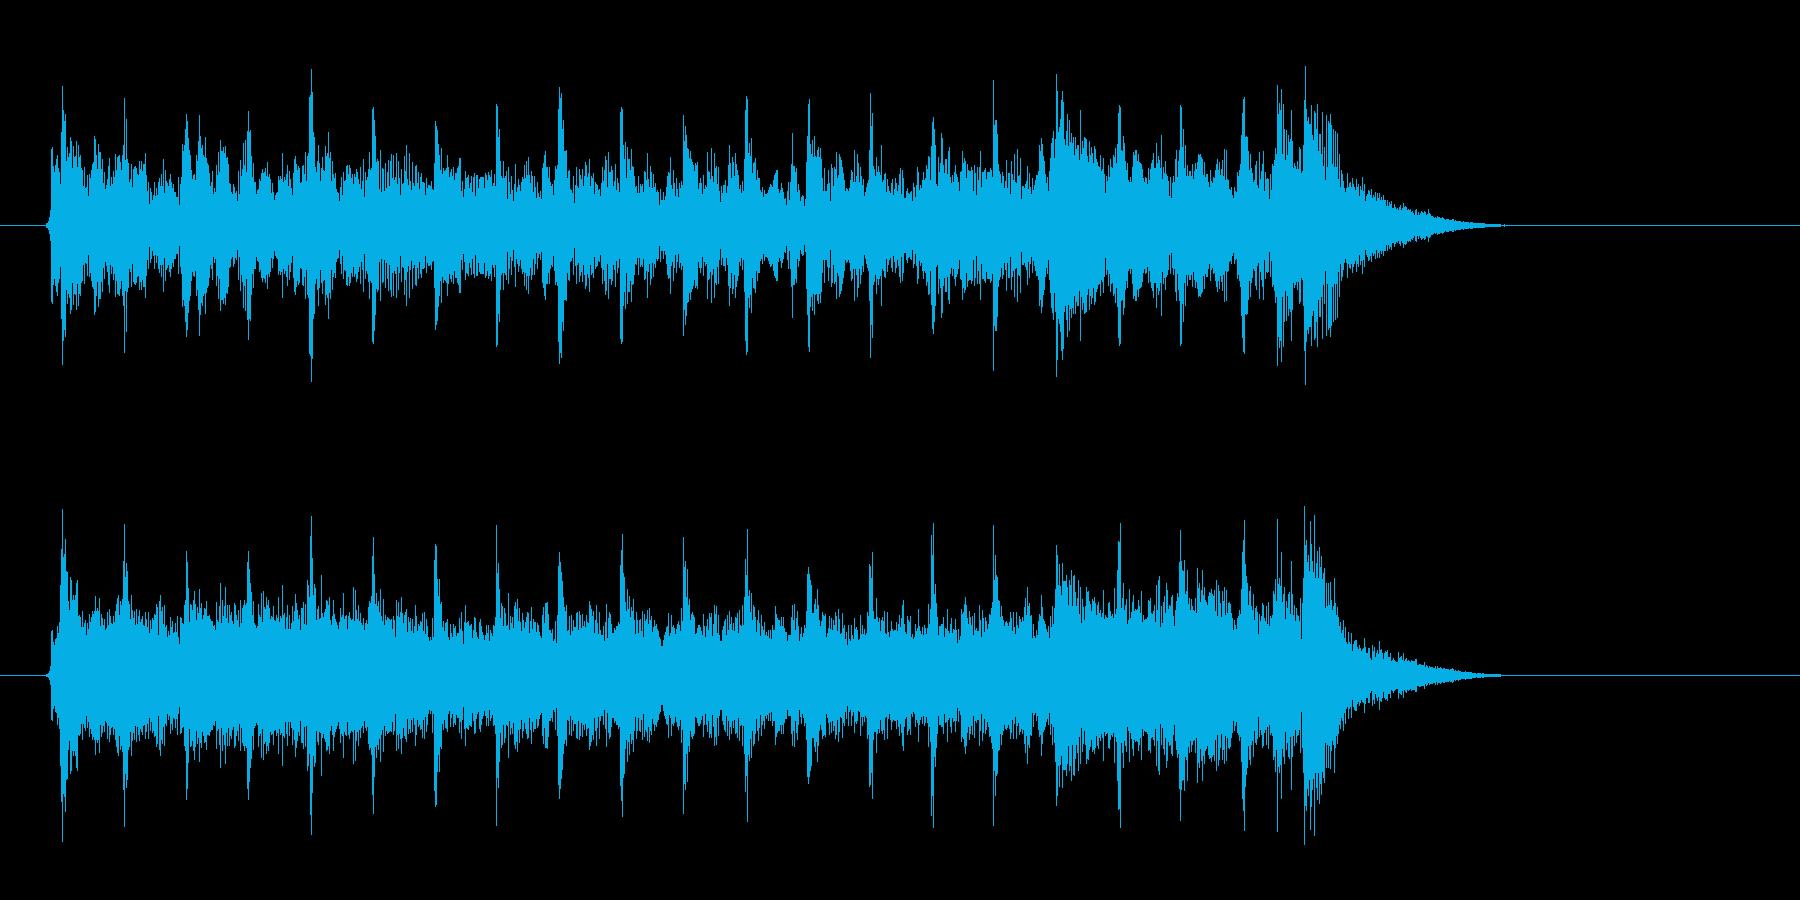 ドラマが始まるような音楽の再生済みの波形